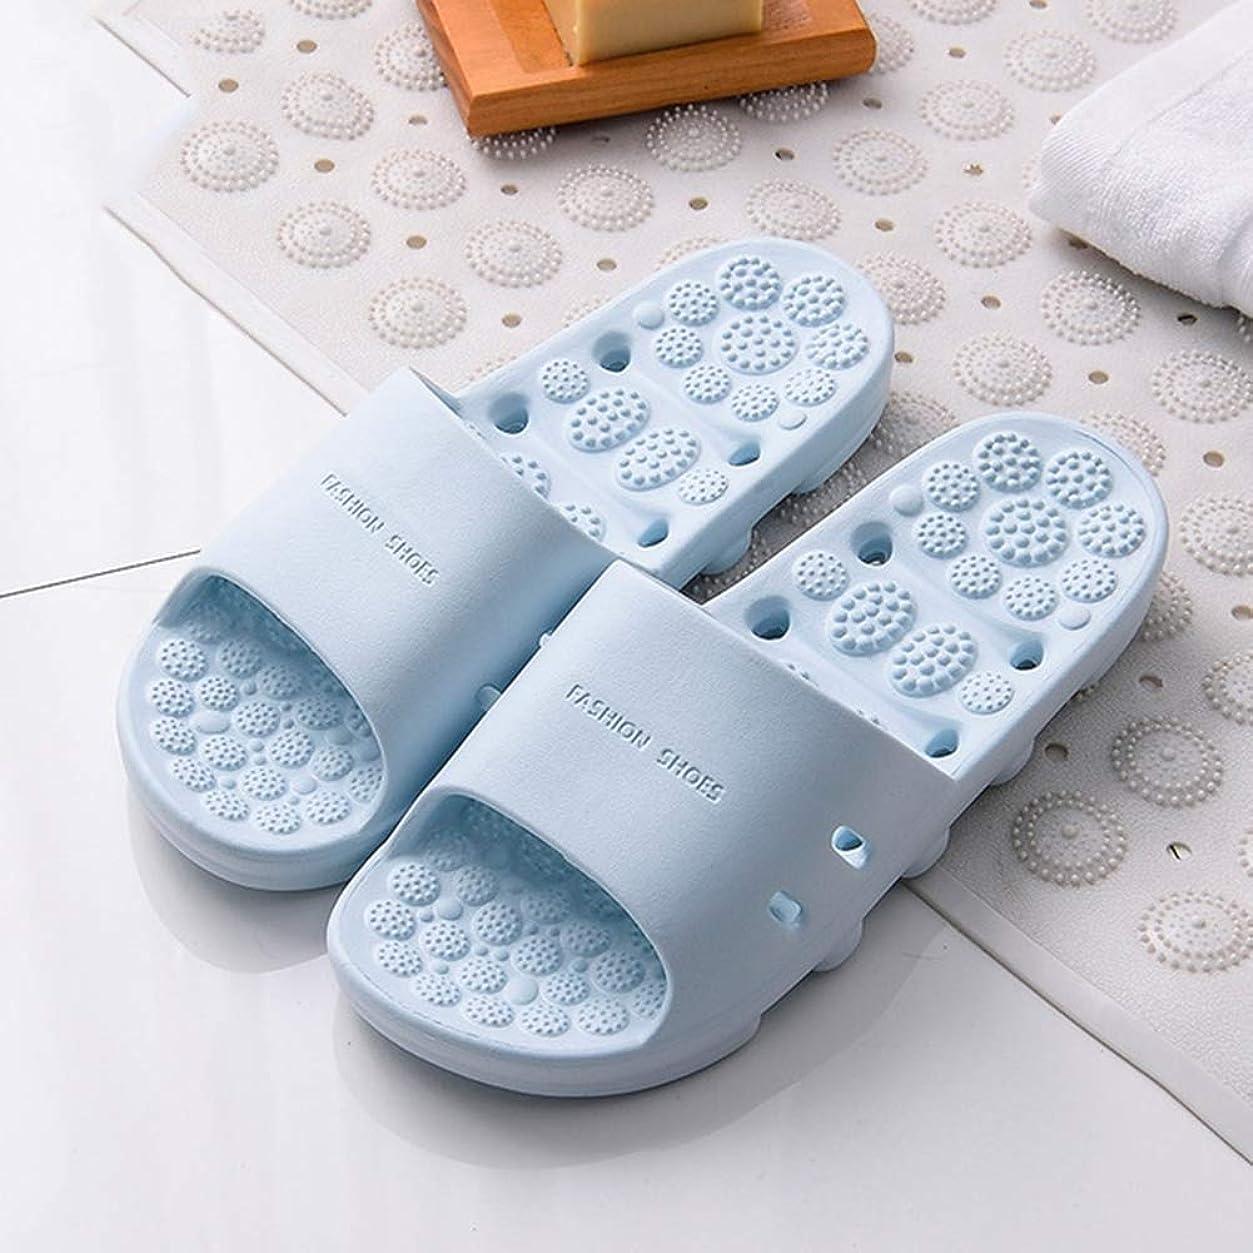 ために過剰三マッサージスリッパ厚い底中空速乾性滑り止め足の筋膜炎の足のツボマッサージ健康マッサージの靴夏のバスルームのスリッパ,Blue,XL